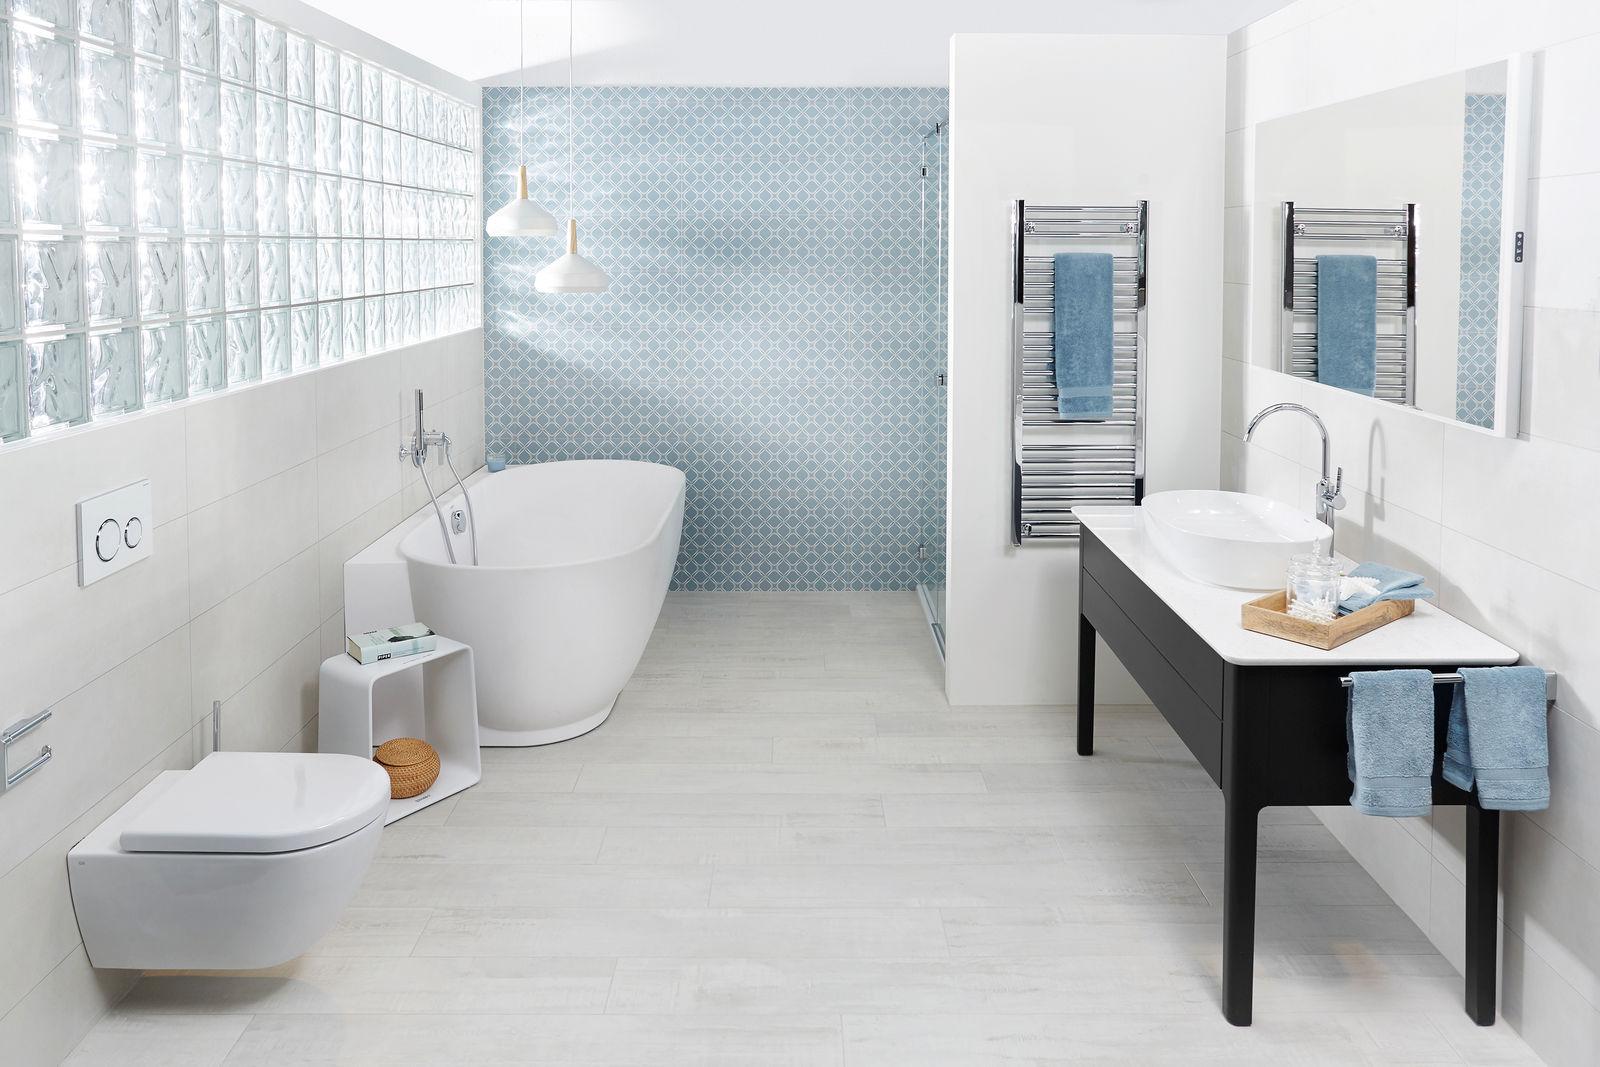 Une atmosphère naturelle et simple caractérise cette salle de bains, équipée d'appareils et robinets aux lignes délicates et fluides. Sabag.